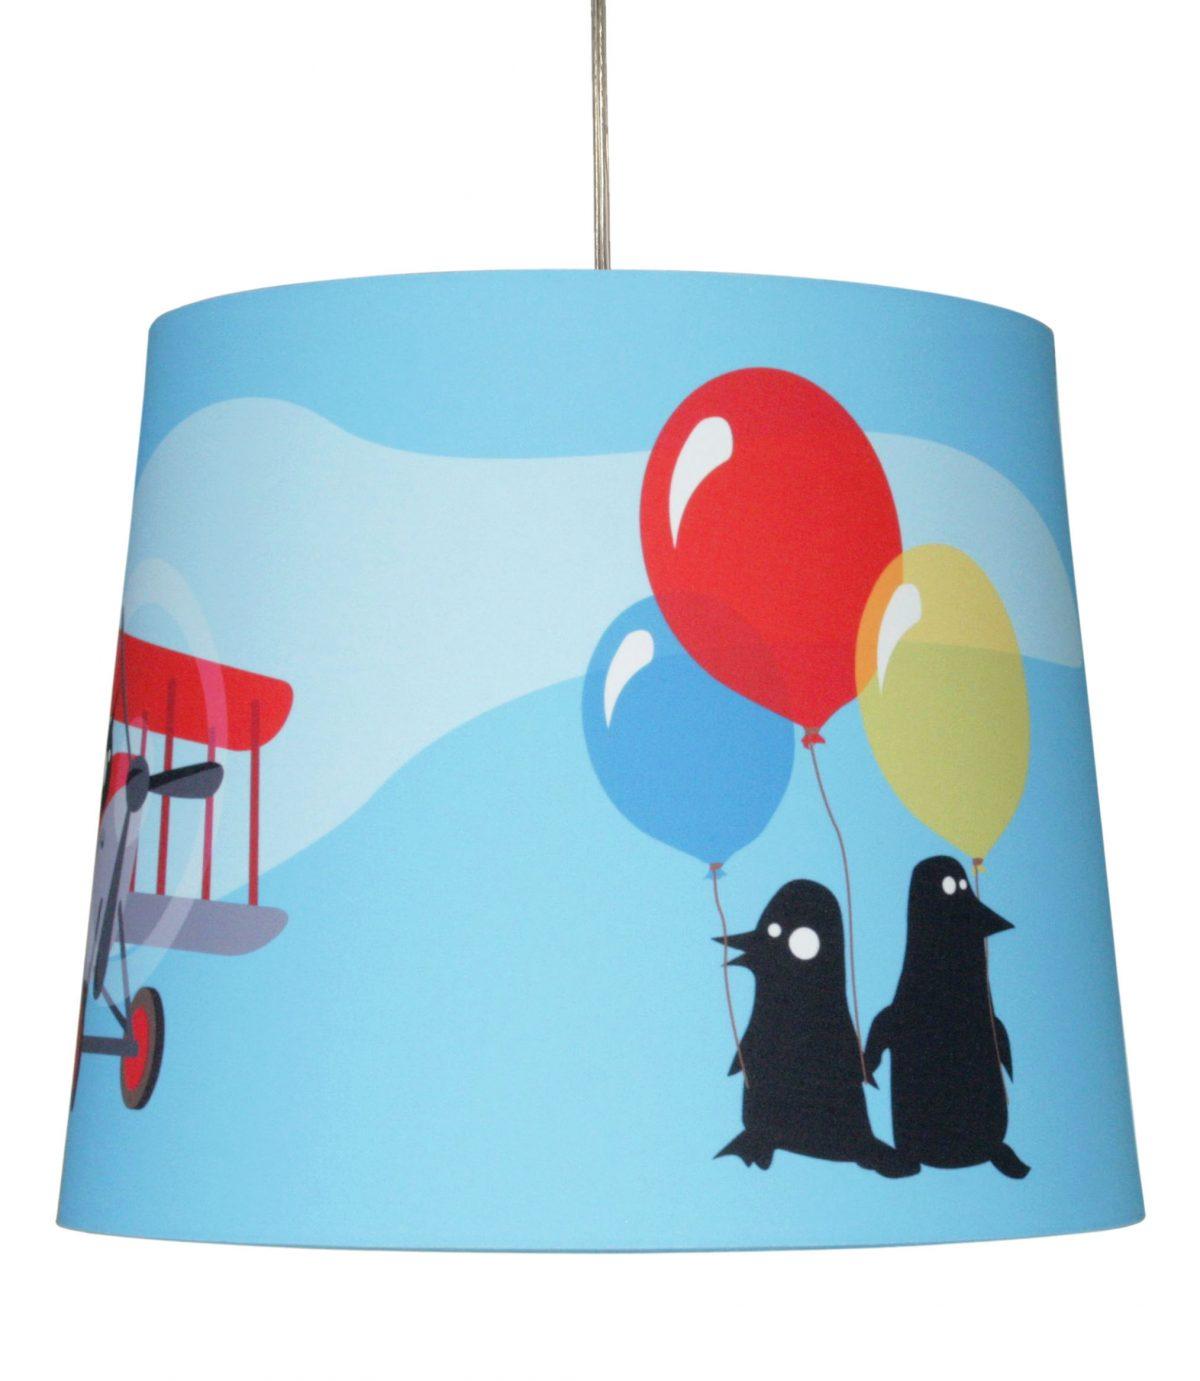 Hanglamp Kinderkamer Vreemde Vogels Vliegen